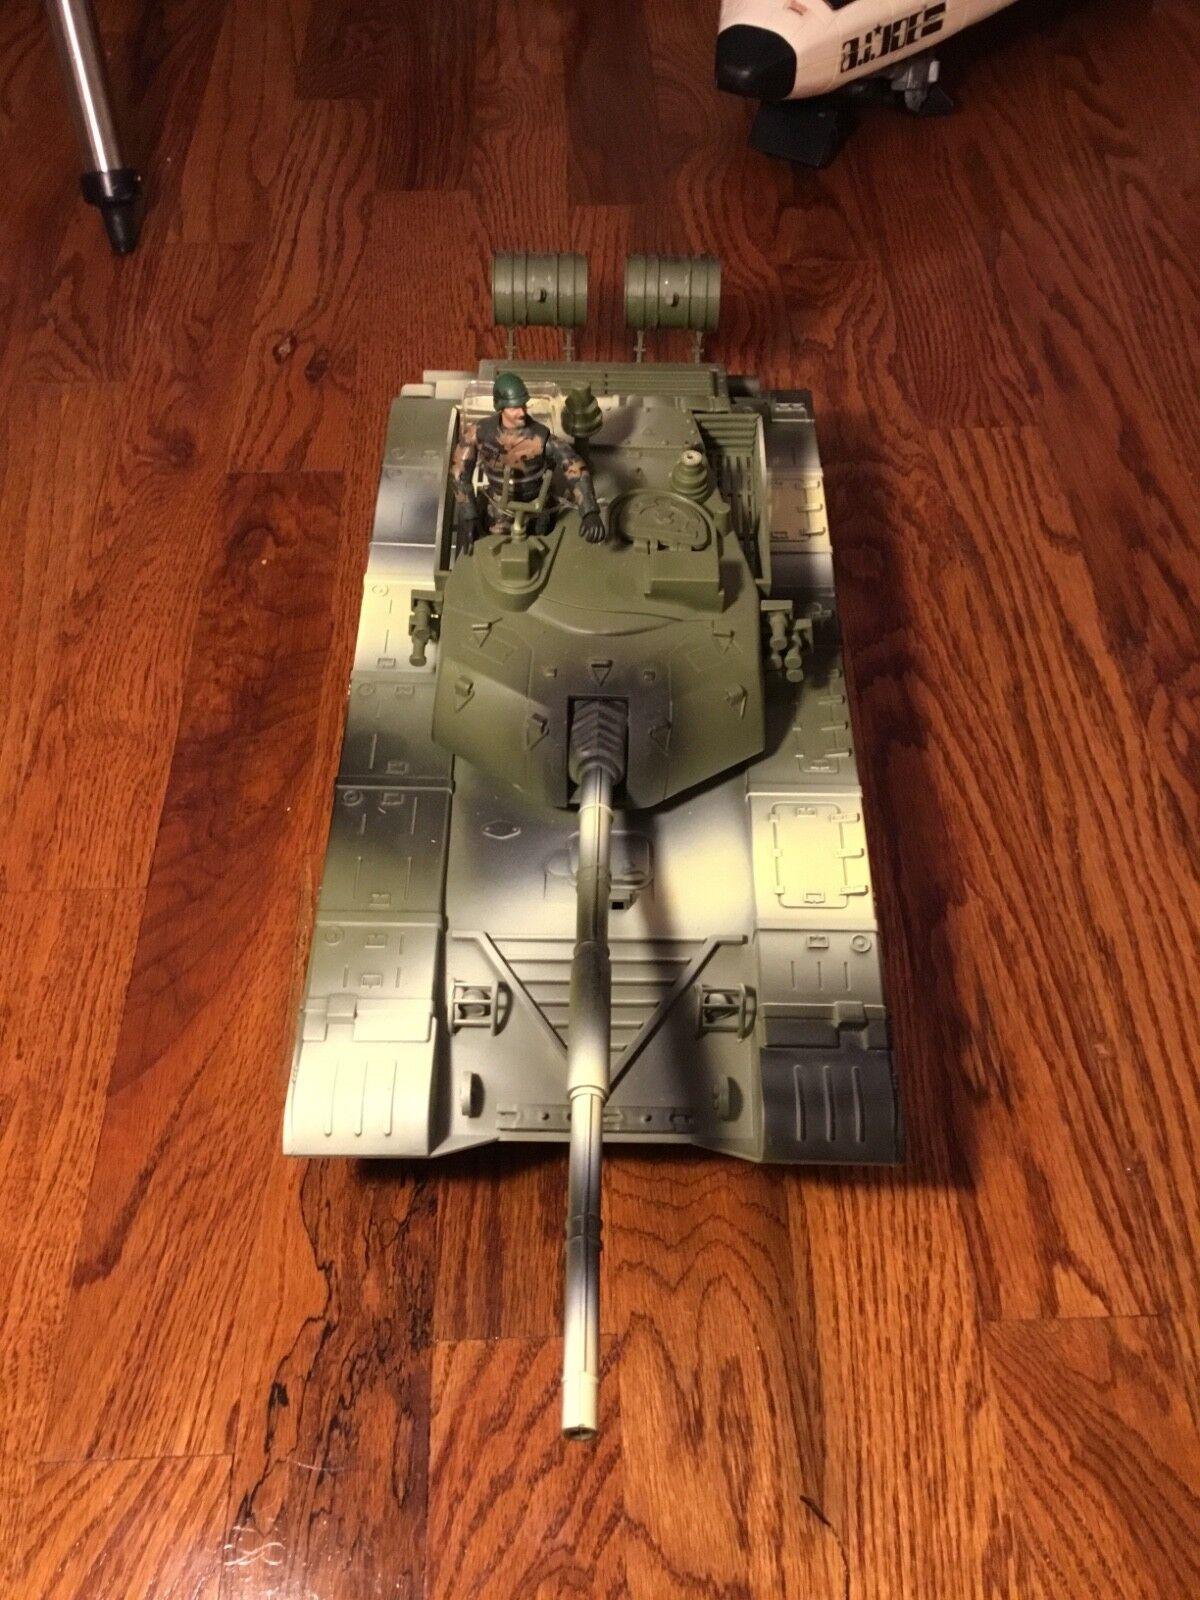 1  18 Tank By energia squadra elite giocattoli.  ampia selezione